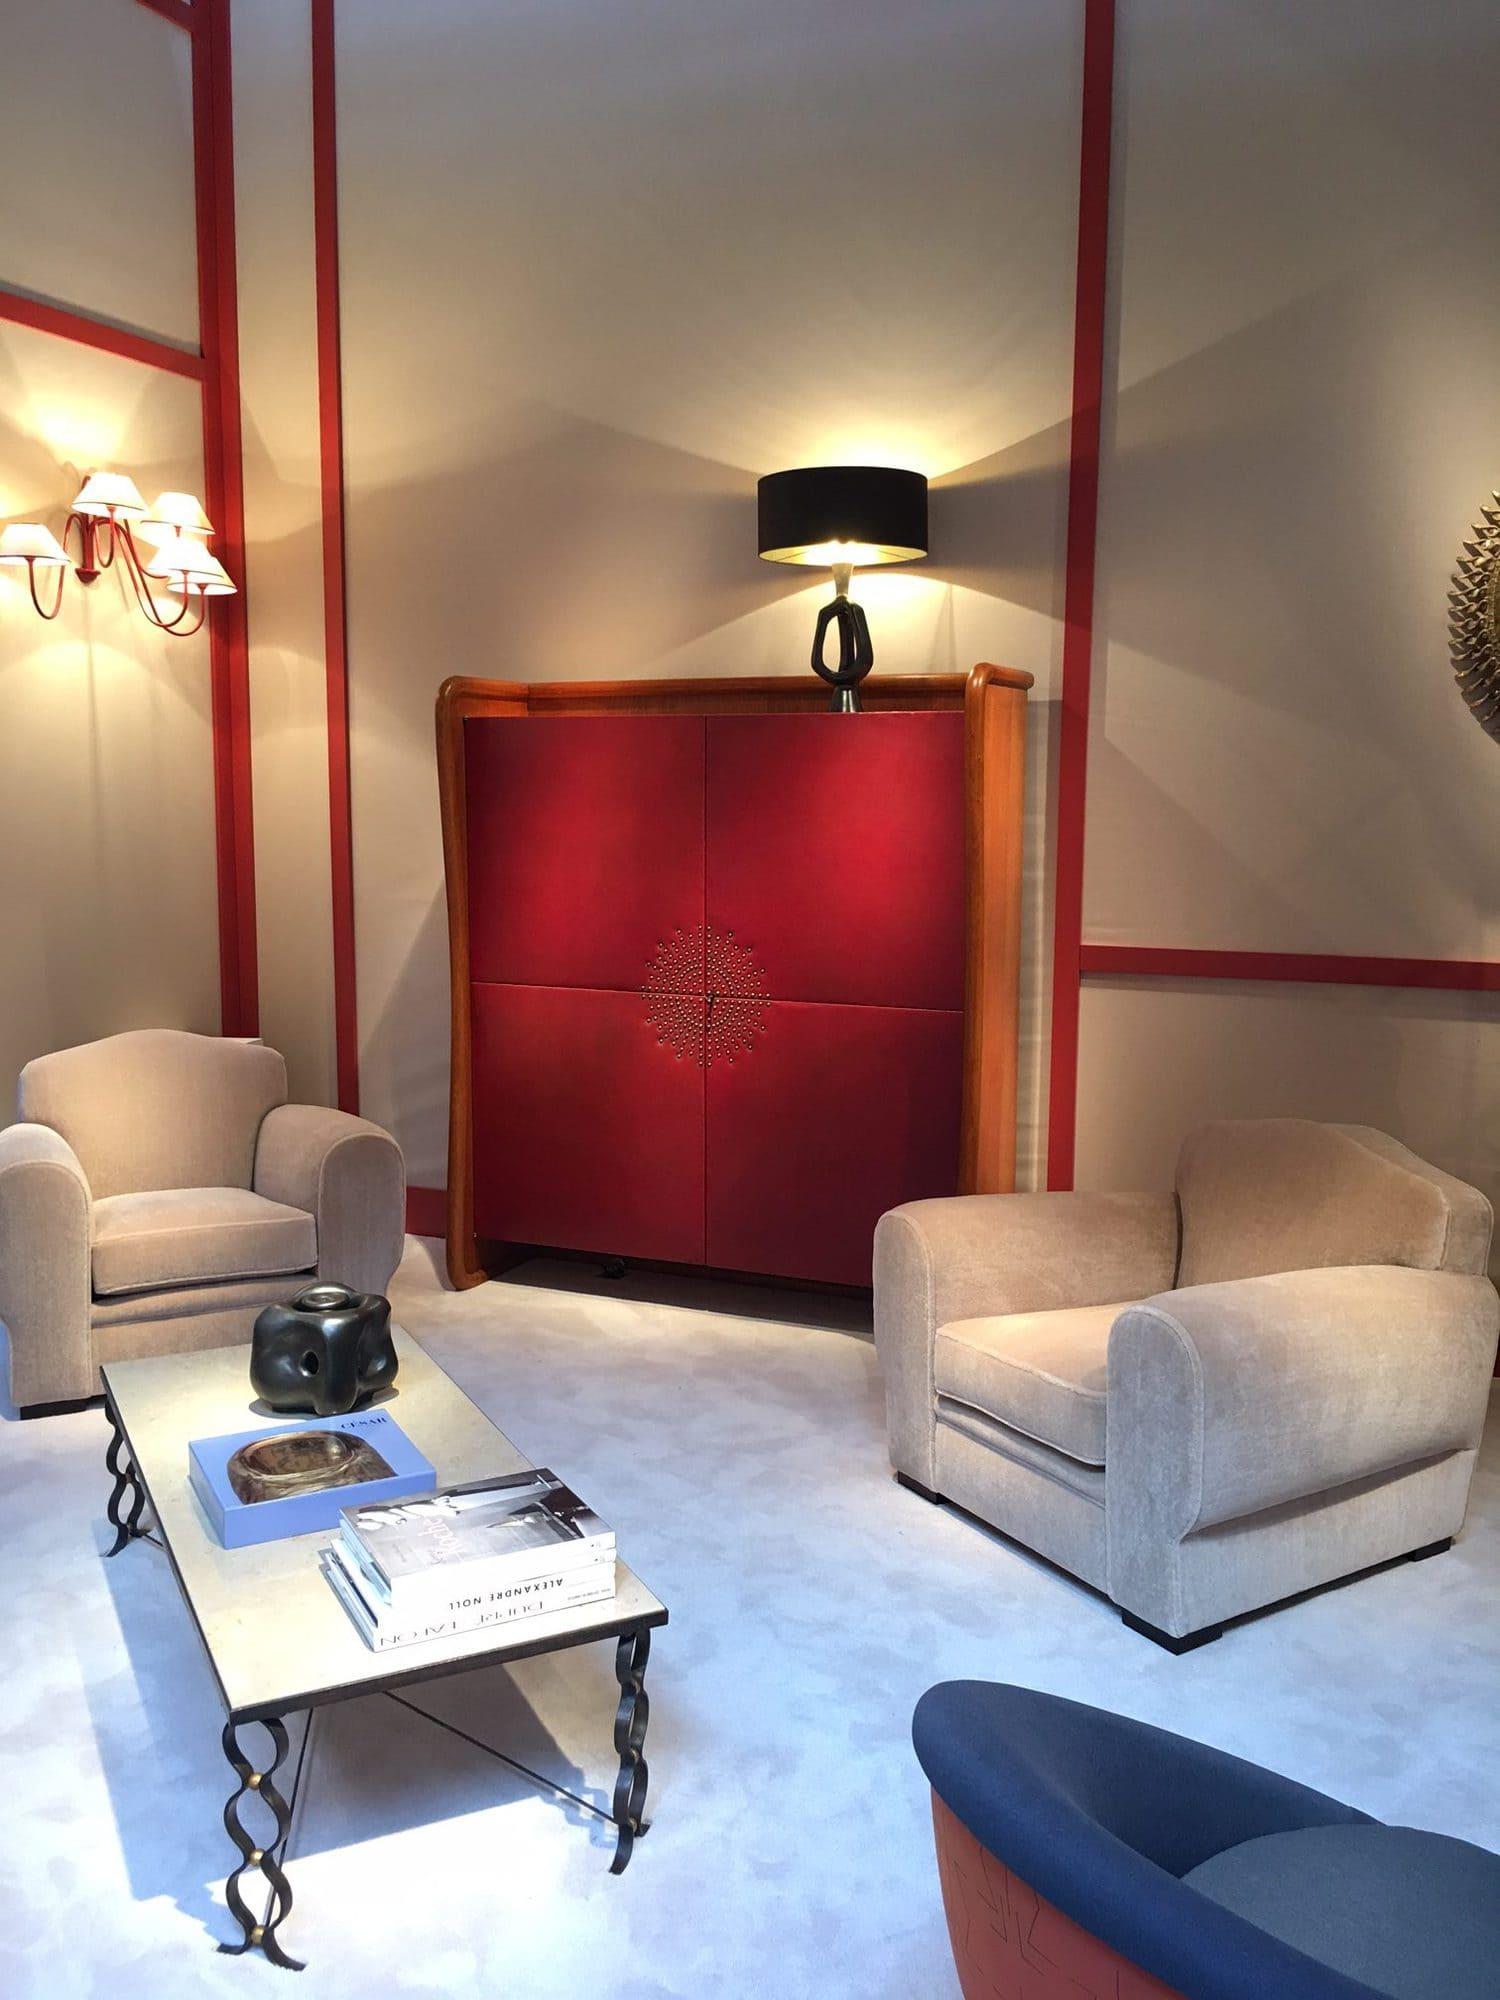 La galerie Chastel Maréchal, la Biennale 2017, la biennale des antiquaires, postwar design, art décoratif, Jean Royère, André Arbus, Geroges Jouve